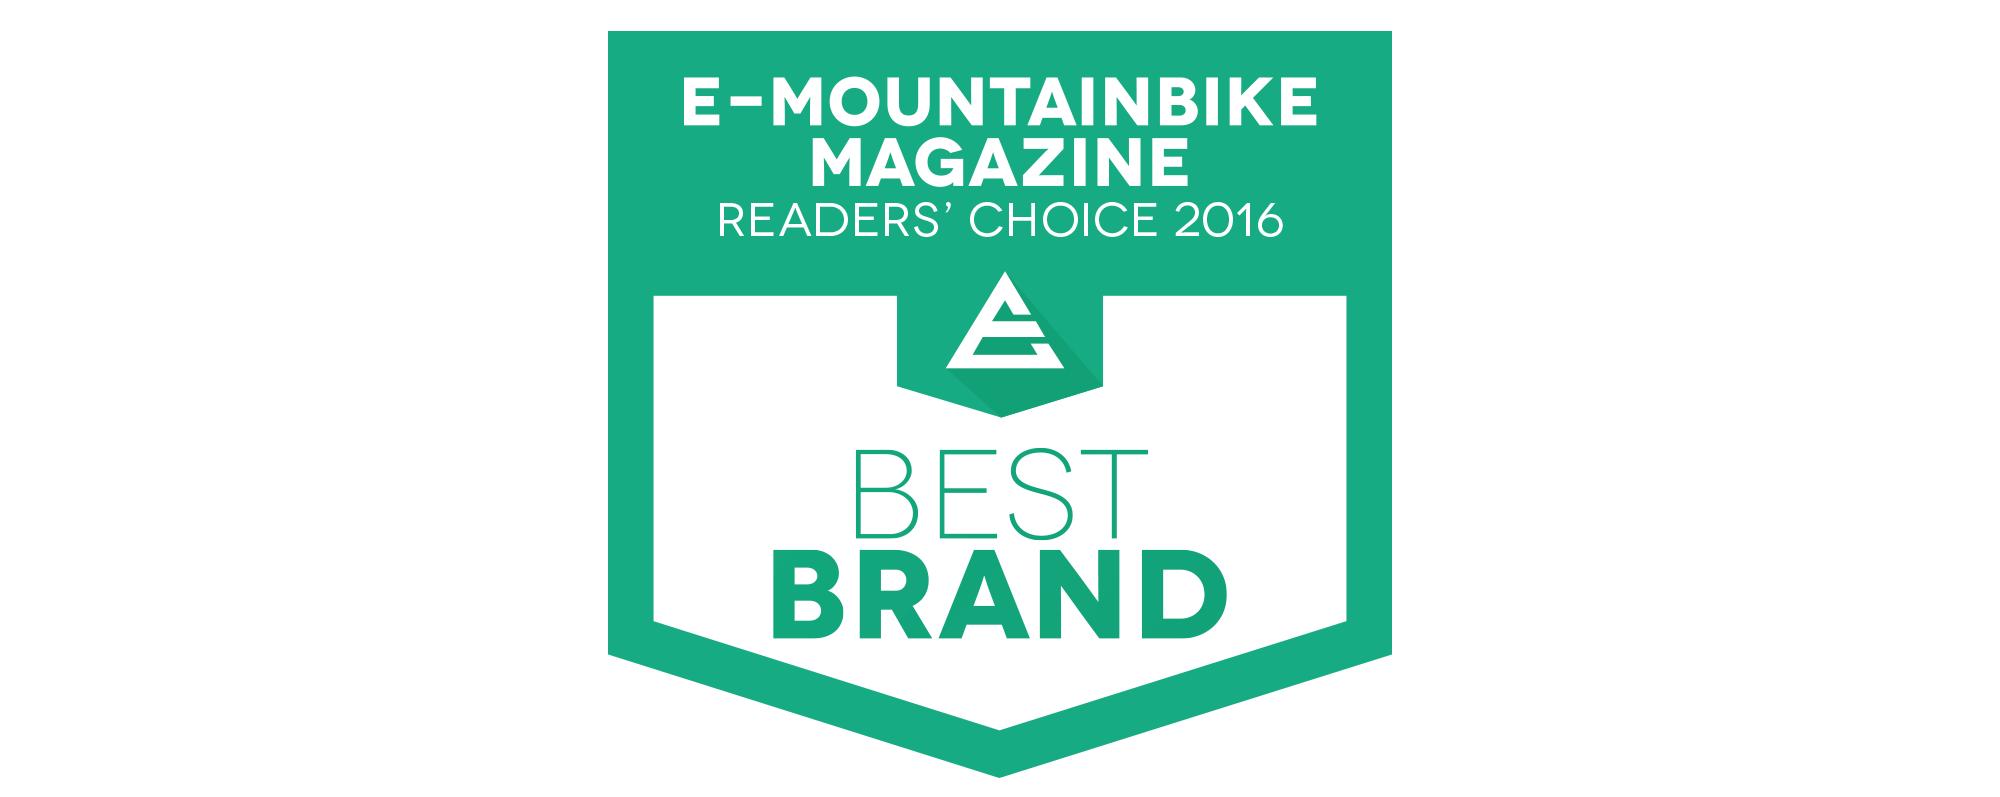 Najlepšie značky 2016 podľa časopisu E-Mountainbike